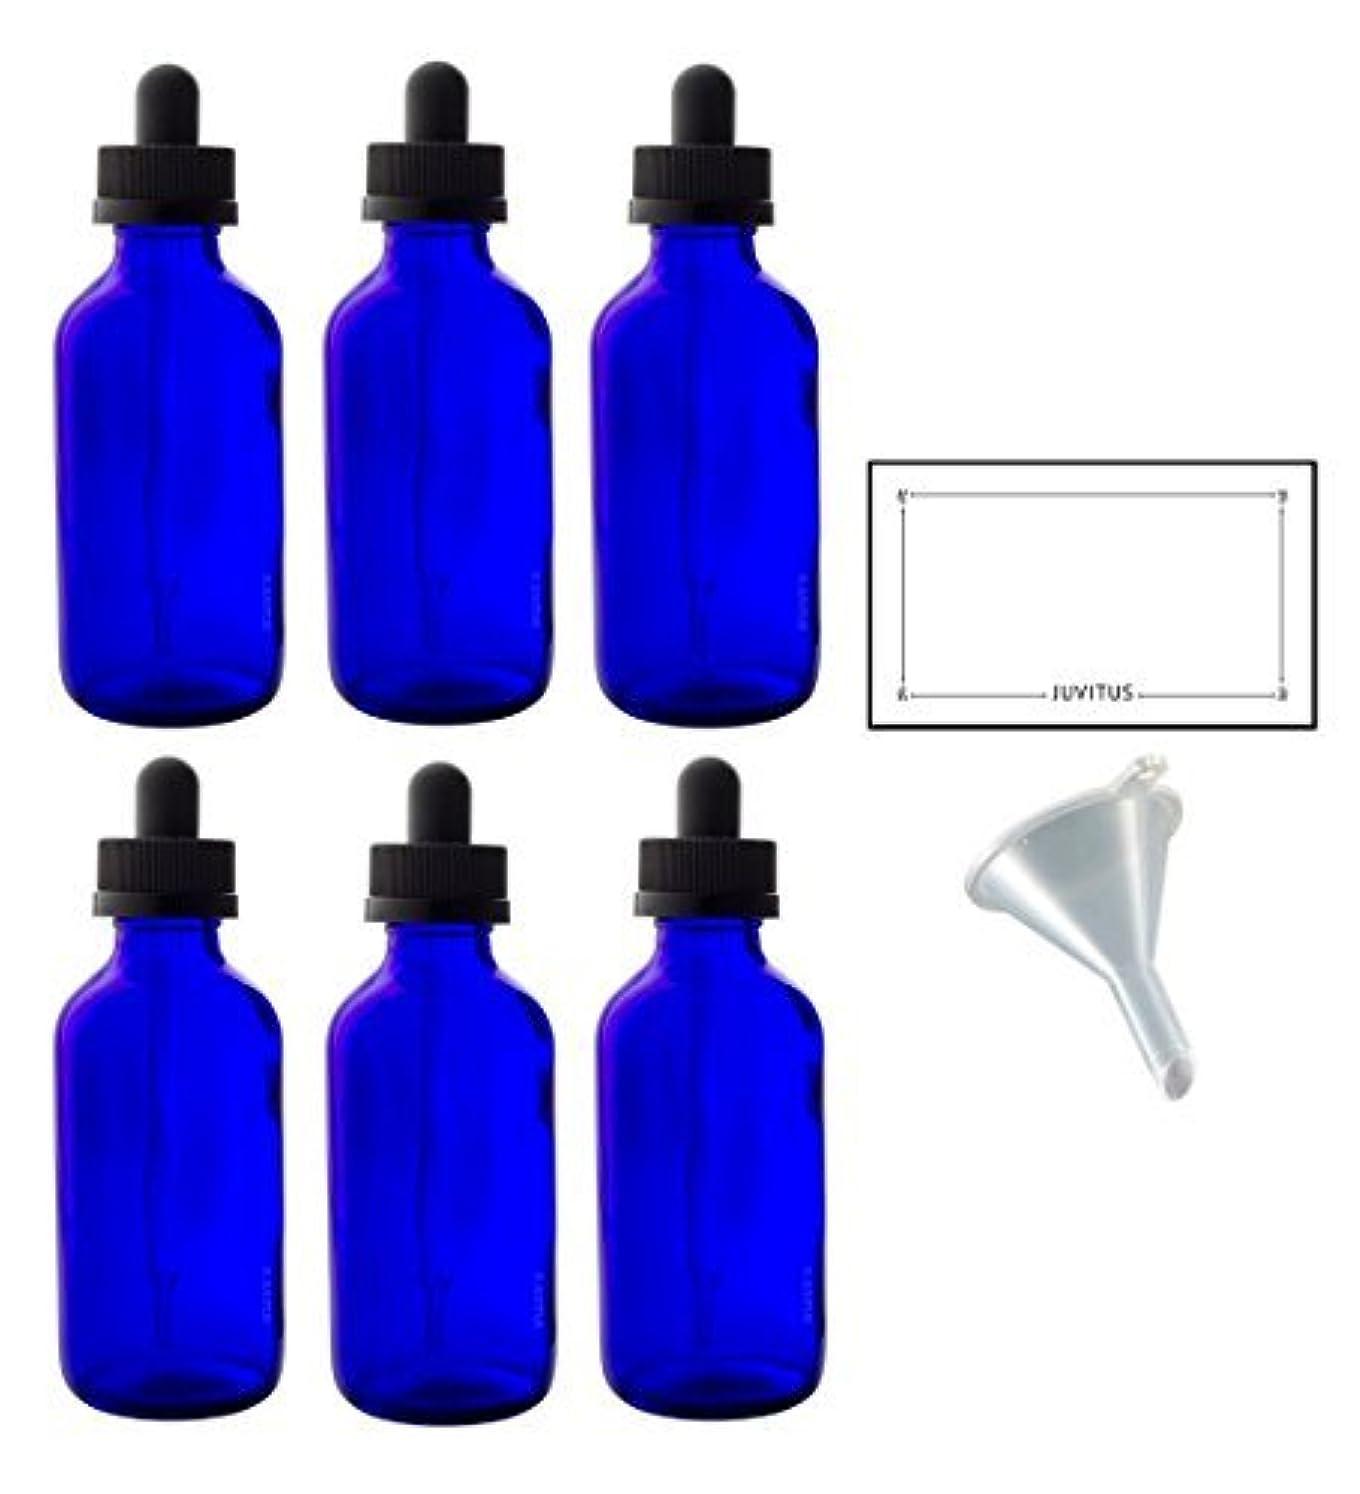 こねる追加慣習4 oz Cobalt Blue Glass Boston Round Dropper Bottle (6 pack) + Funnel and Labels for essential oils, aromatherapy...